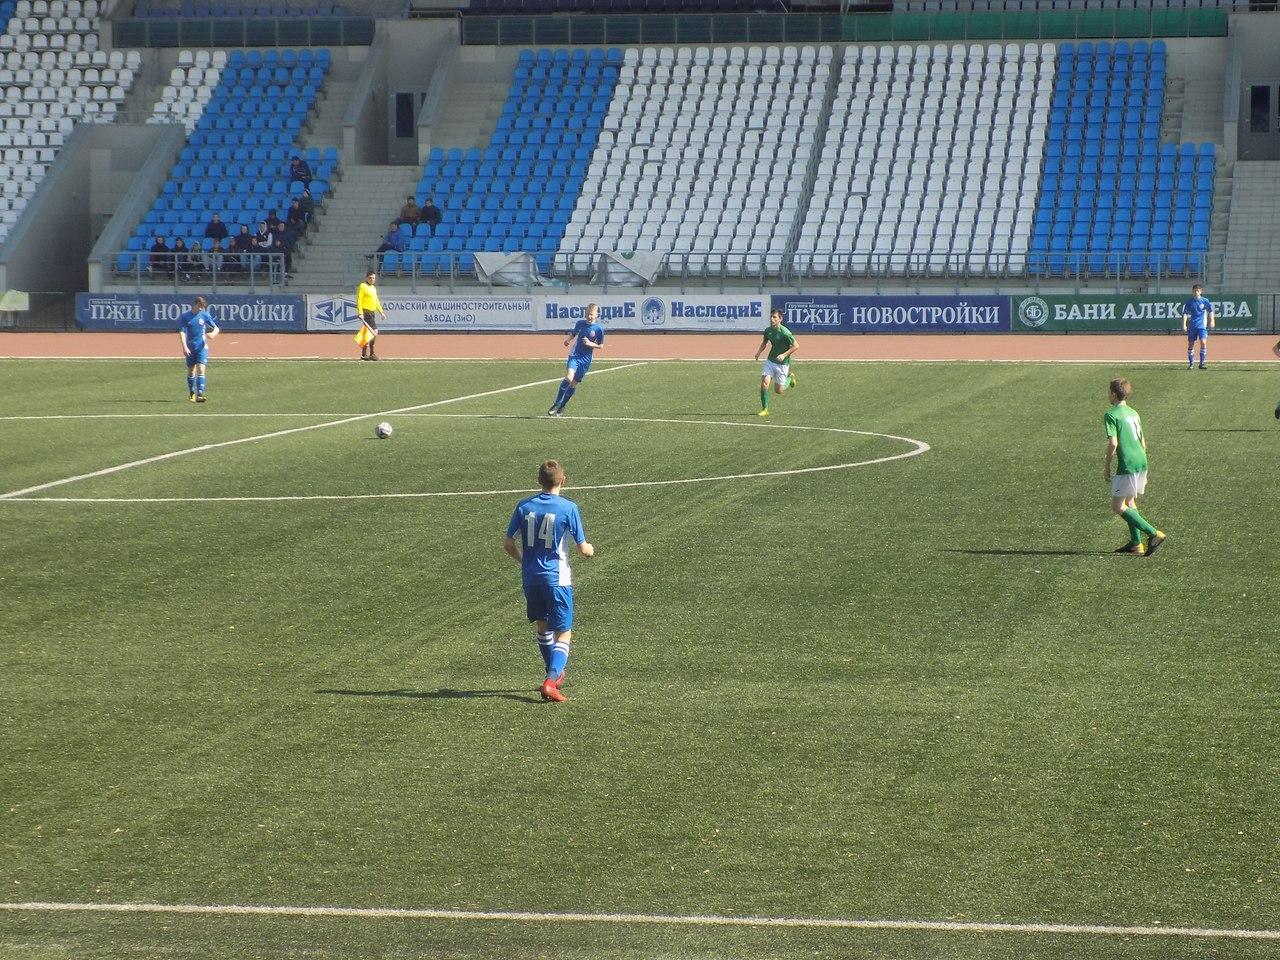 Команды СШ «Витязь» 2001 и 2003 г.р. в 12 туре Первенства России одержали две победы